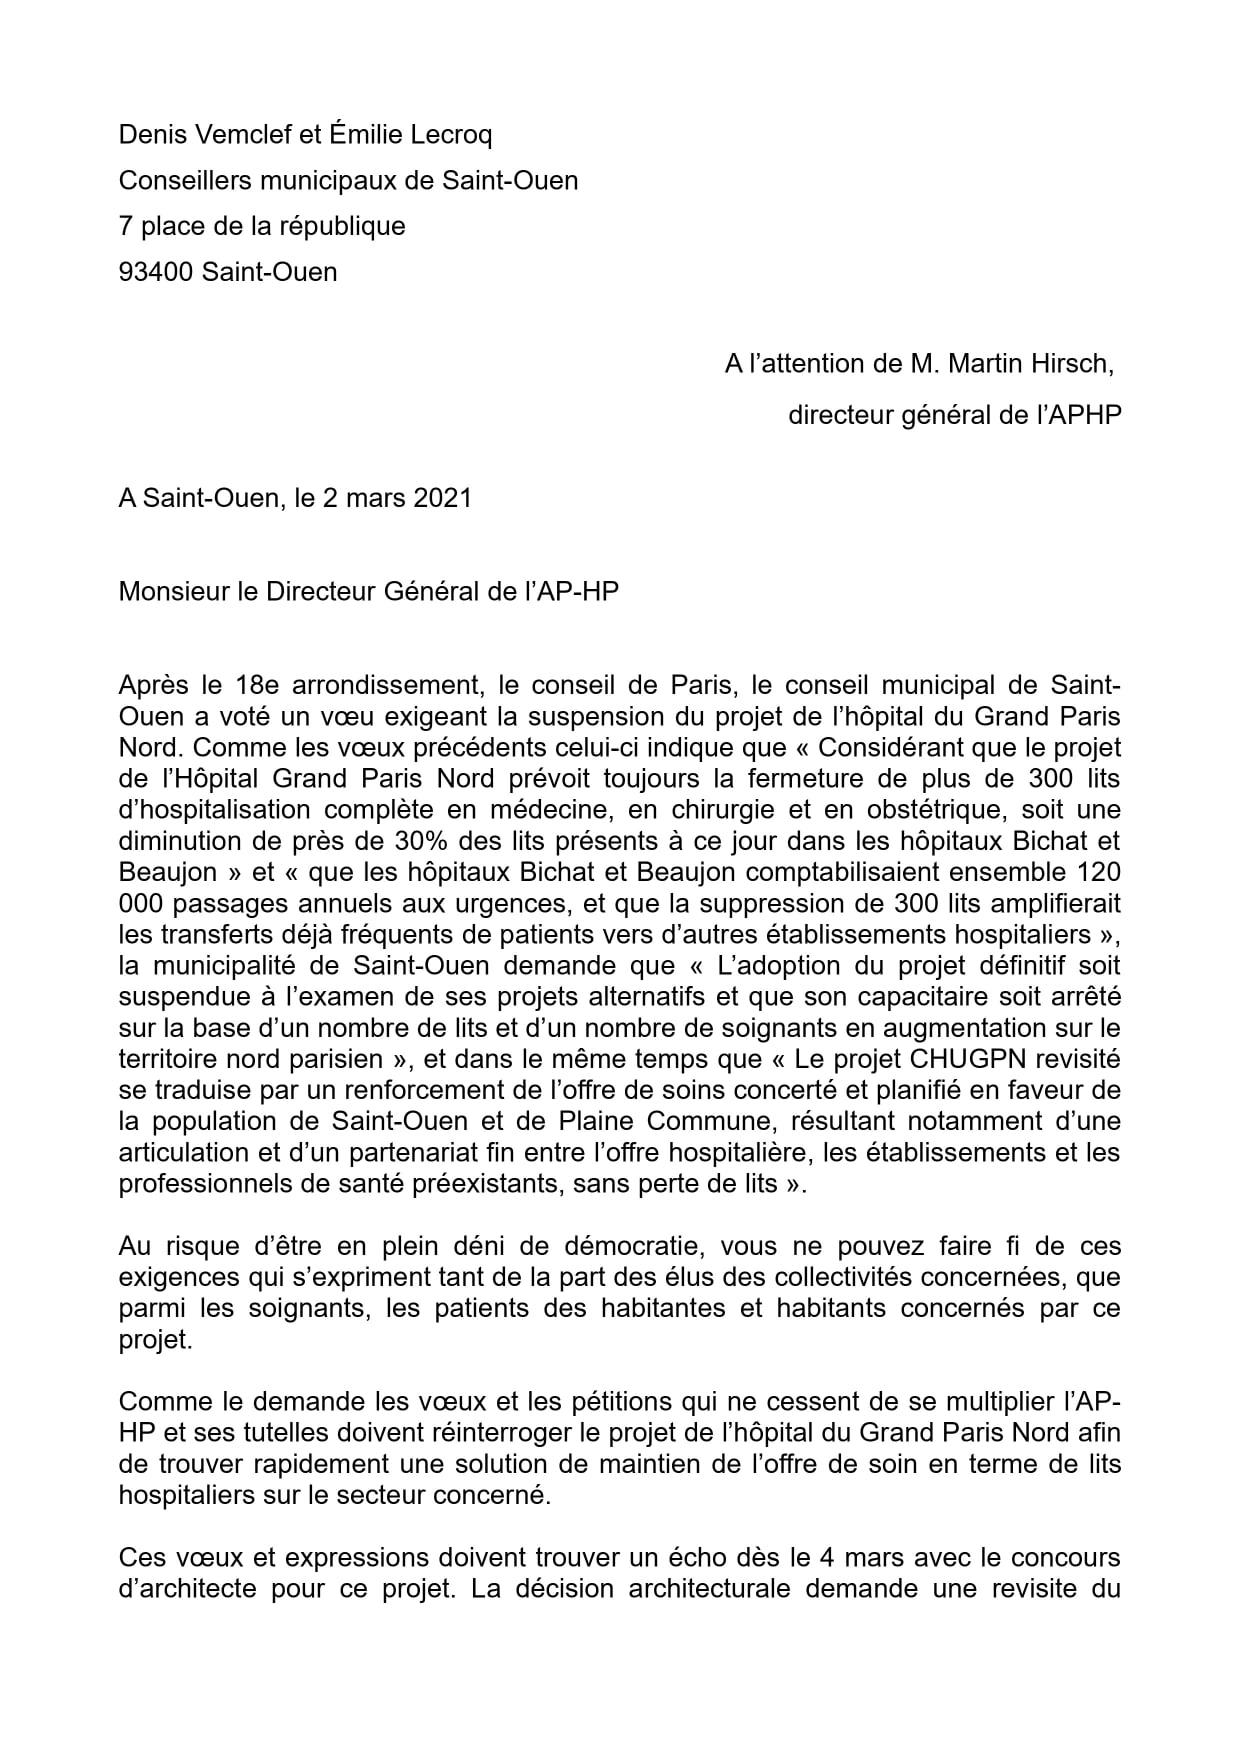 lettre_à_Hirsh_page_1.jpg